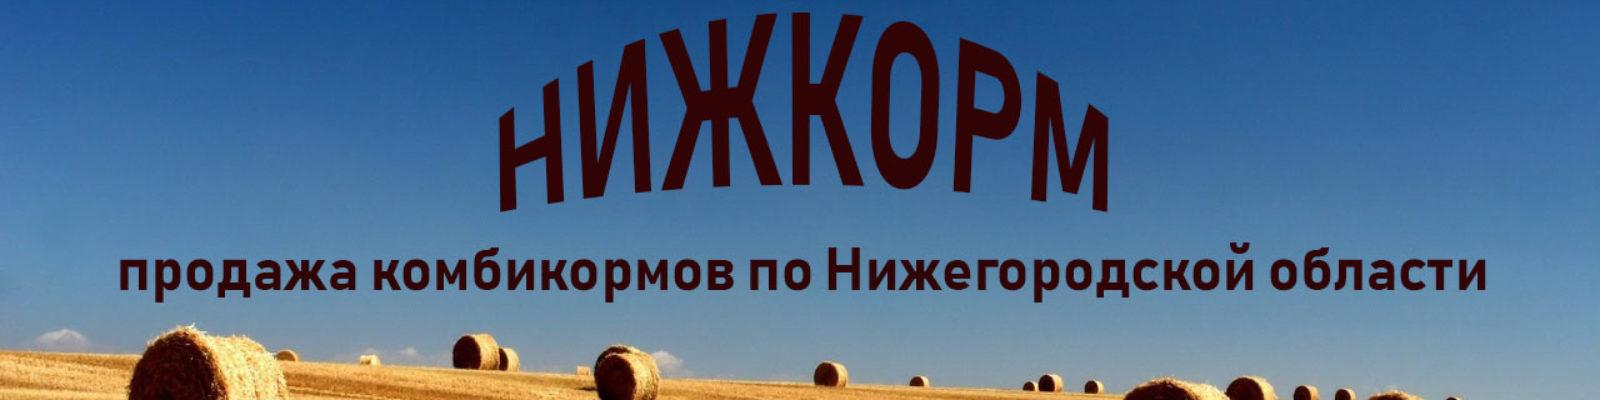 cropped-2fons.ru-24579.jpg